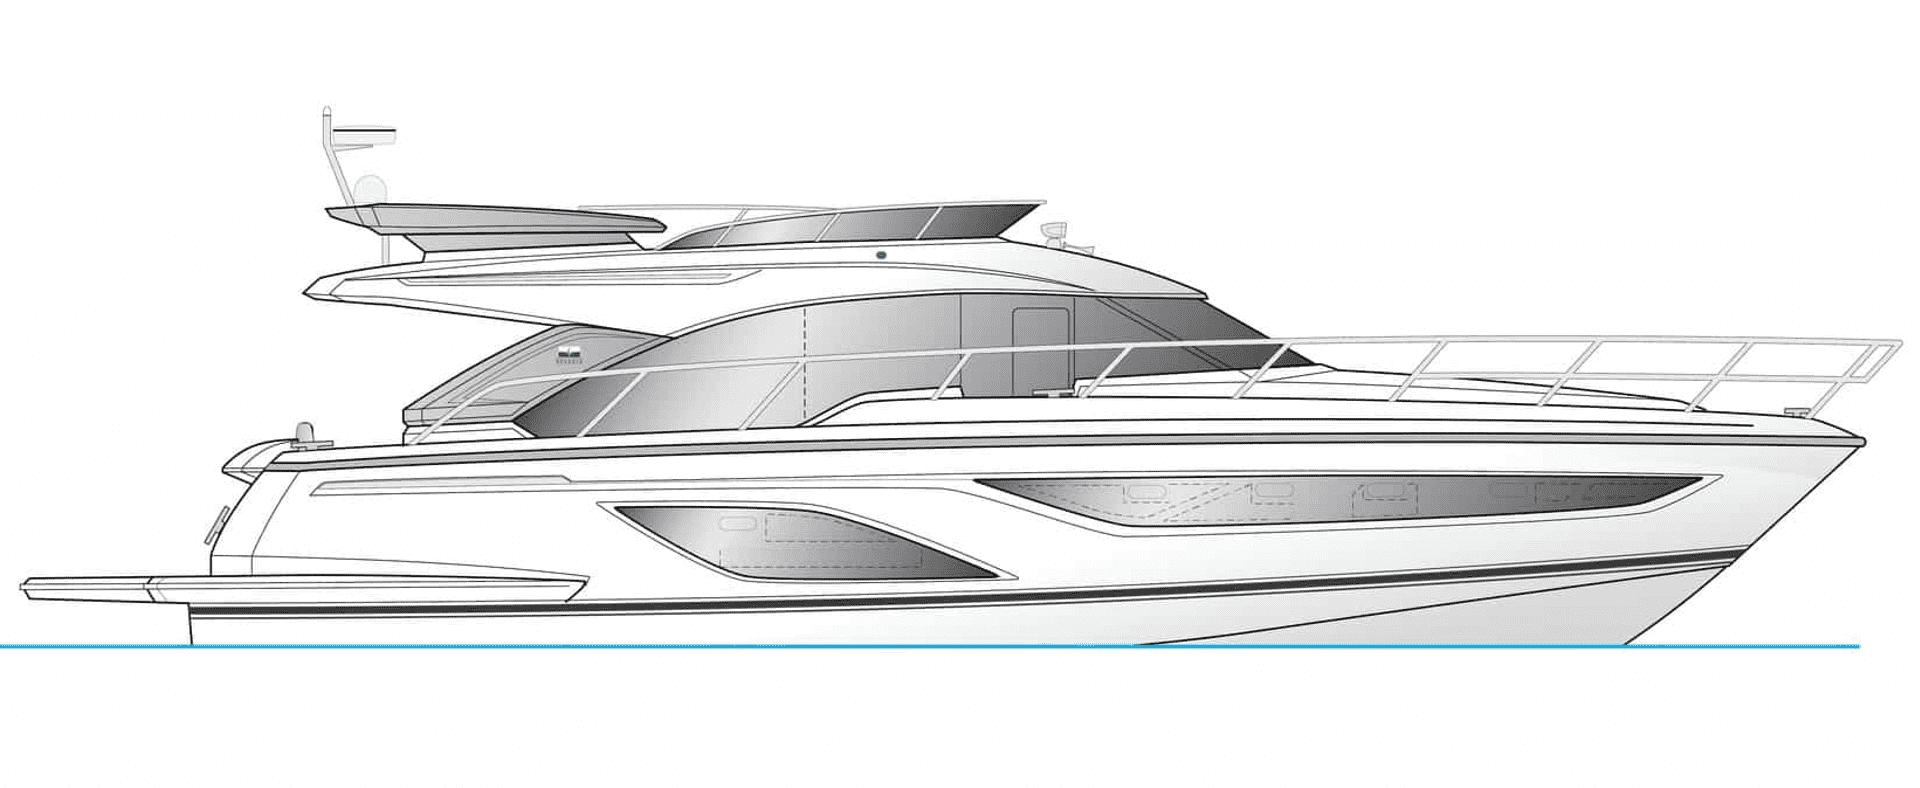 Bavaria R55 layout